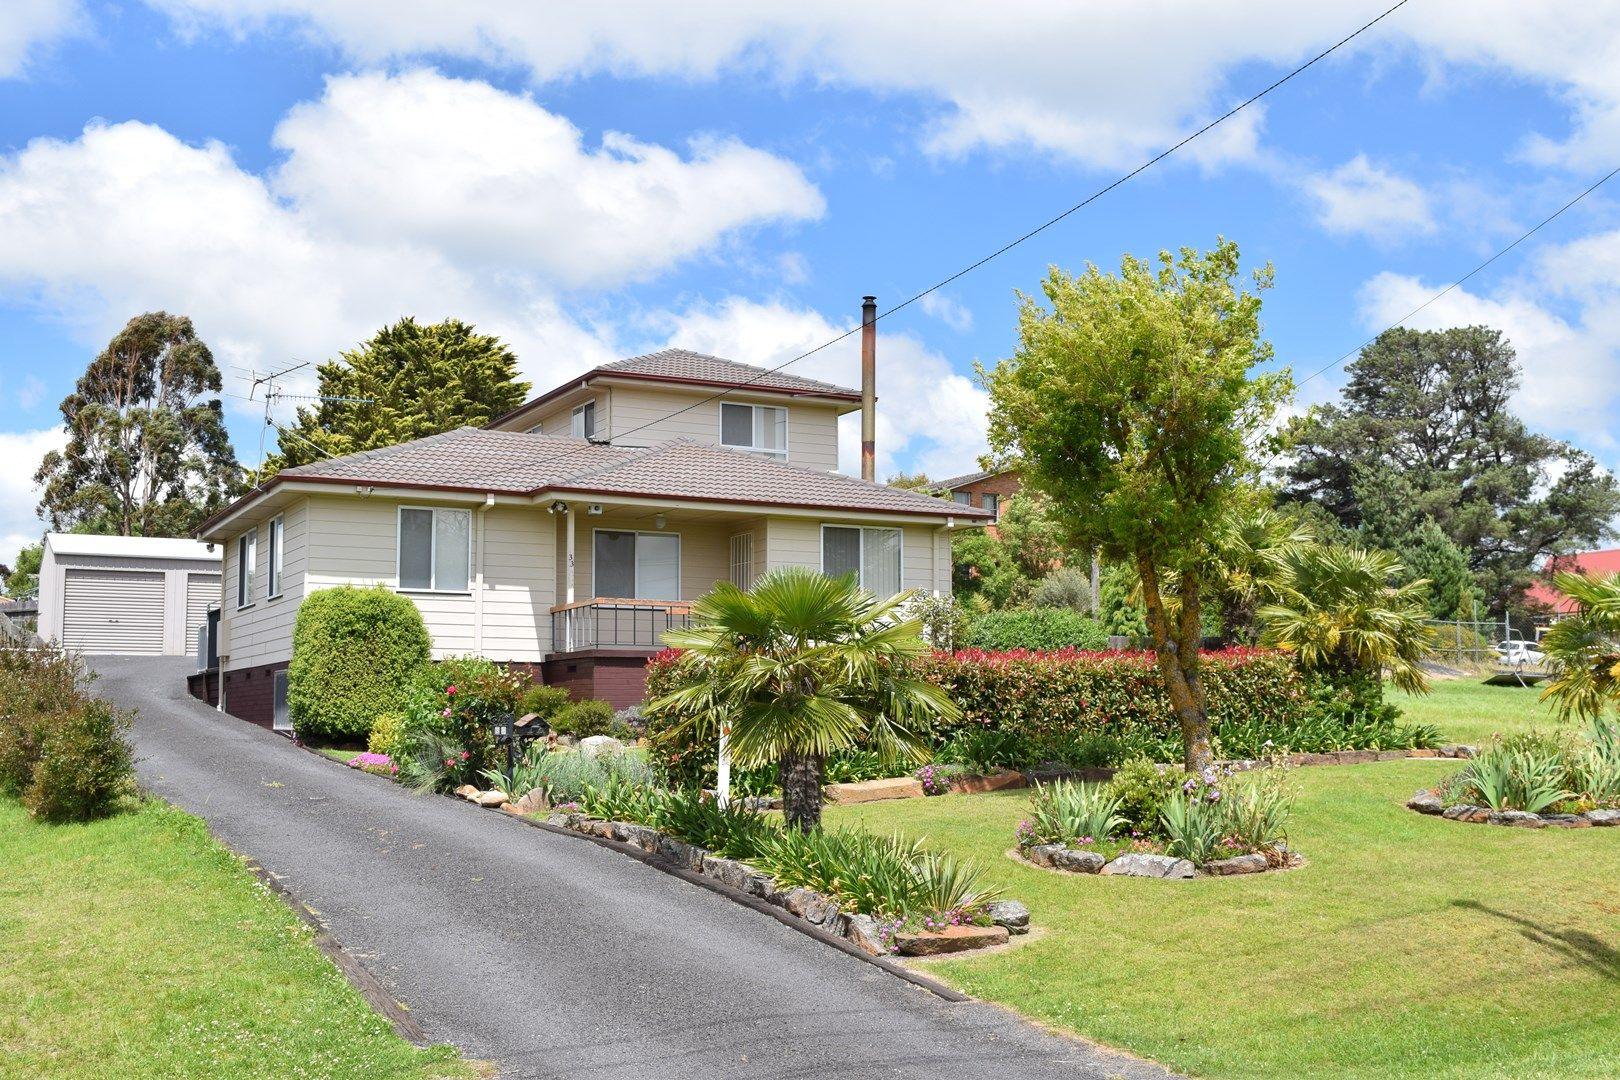 33 Malpas Street, Guyra NSW 2365, Image 0